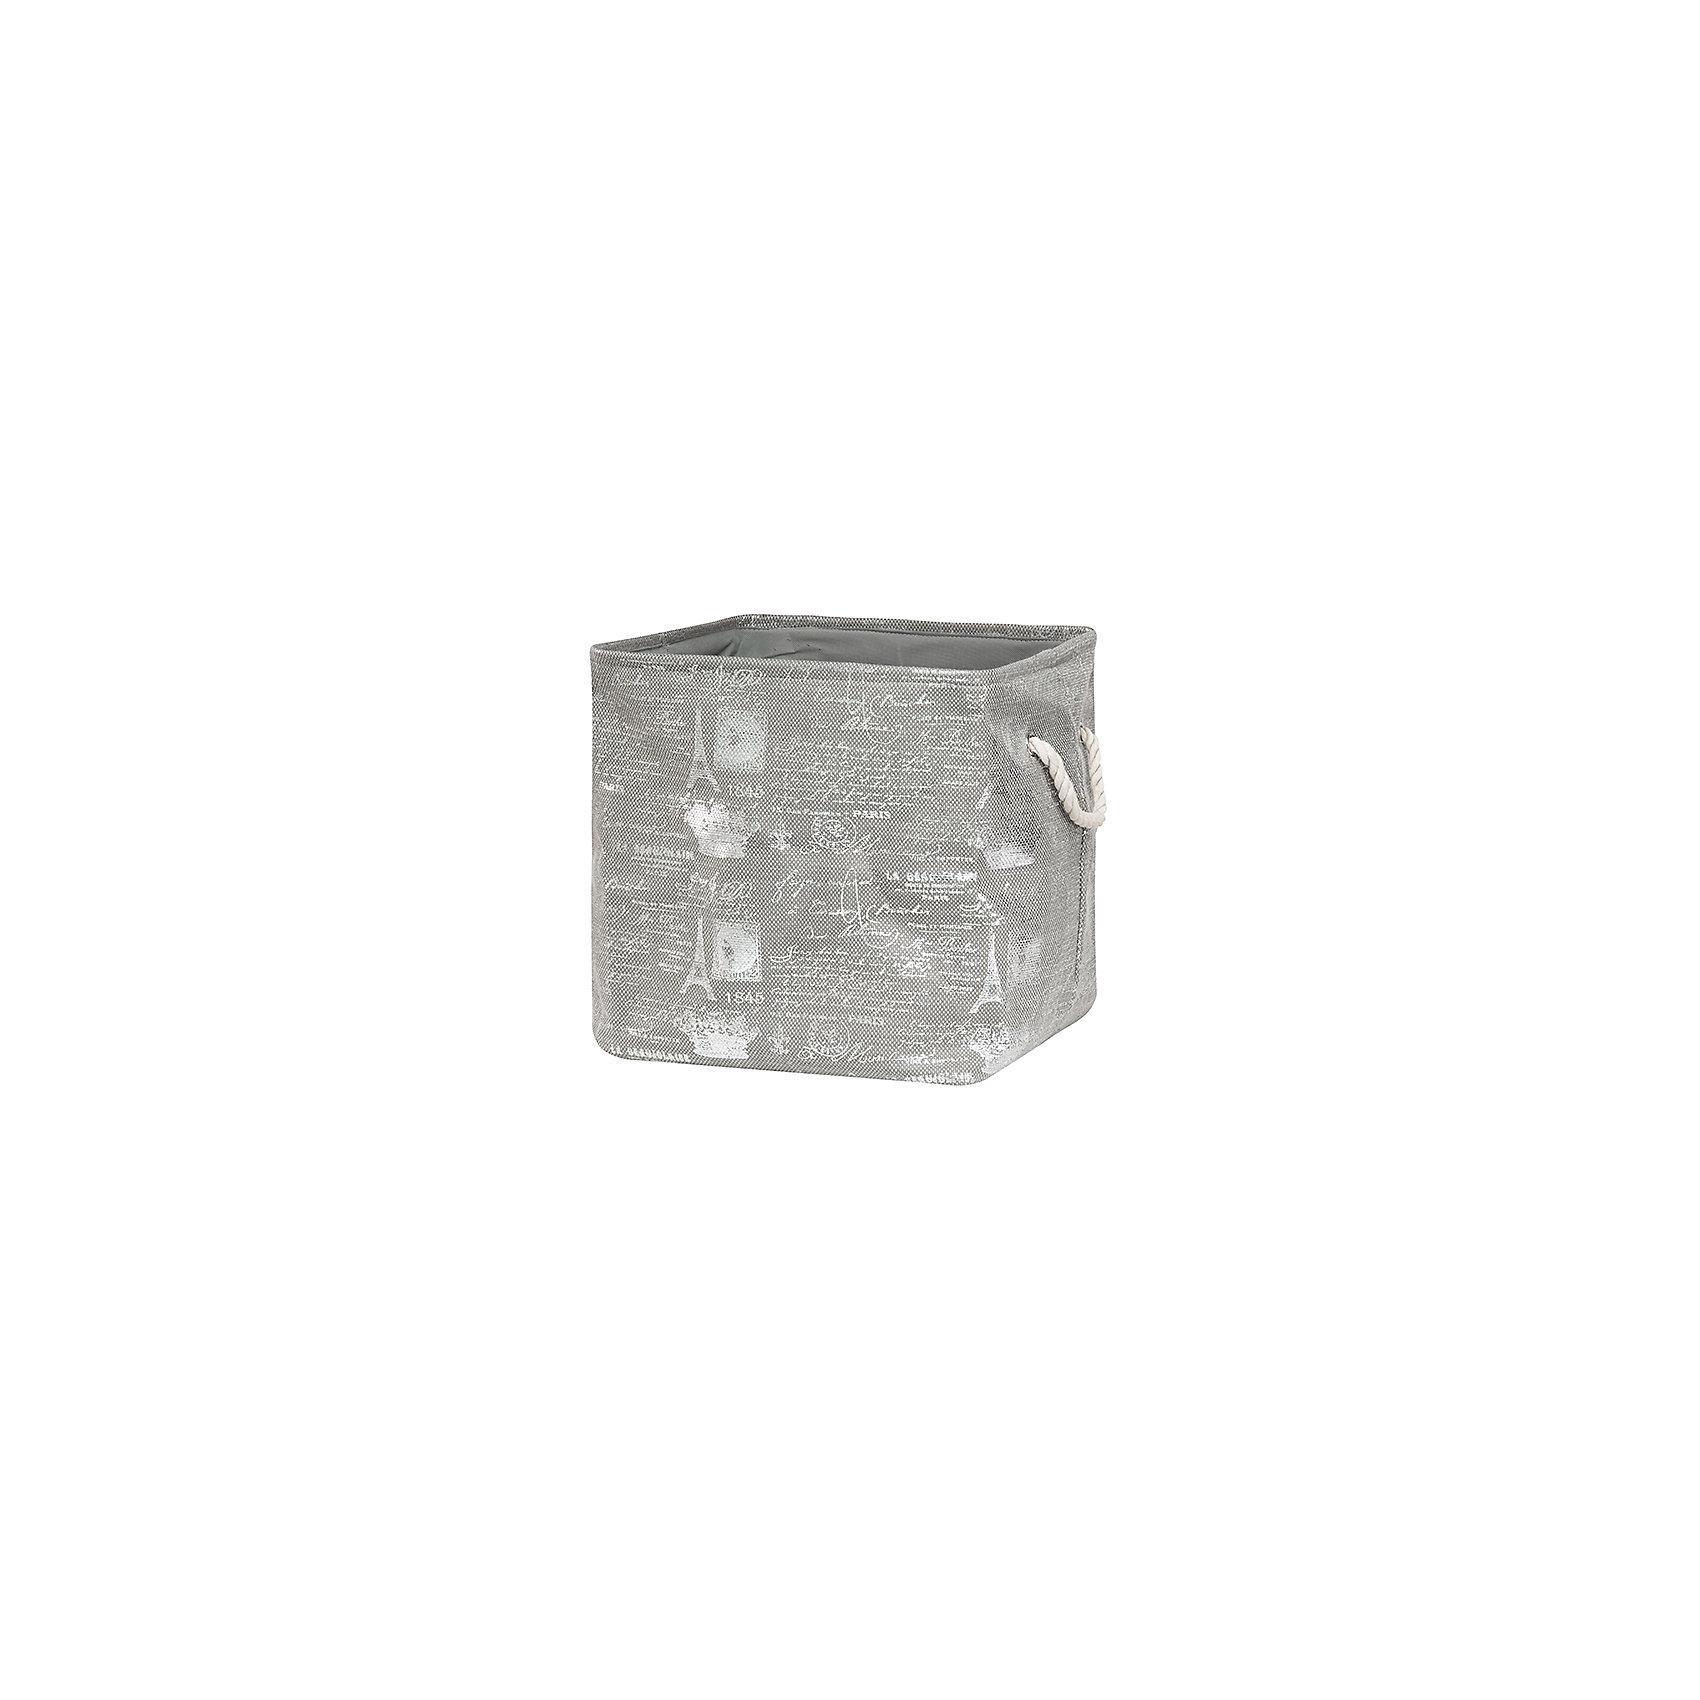 Кофр складной для хранения 40*35*40 см. Париж серебро, EL CasaПорядок в детской<br>Кофр складной мягкий для хранения имеет прямоугольную форму. Не имеет жестких вставок, при этом держит форму и имеет эстетичный вид. Легко слкадывается и раскладывается, подходит для размещения в шкафу.<br><br>Ширина мм: 400<br>Глубина мм: 360<br>Высота мм: 70<br>Вес г: 567<br>Возраст от месяцев: 0<br>Возраст до месяцев: 1188<br>Пол: Унисекс<br>Возраст: Детский<br>SKU: 6668724